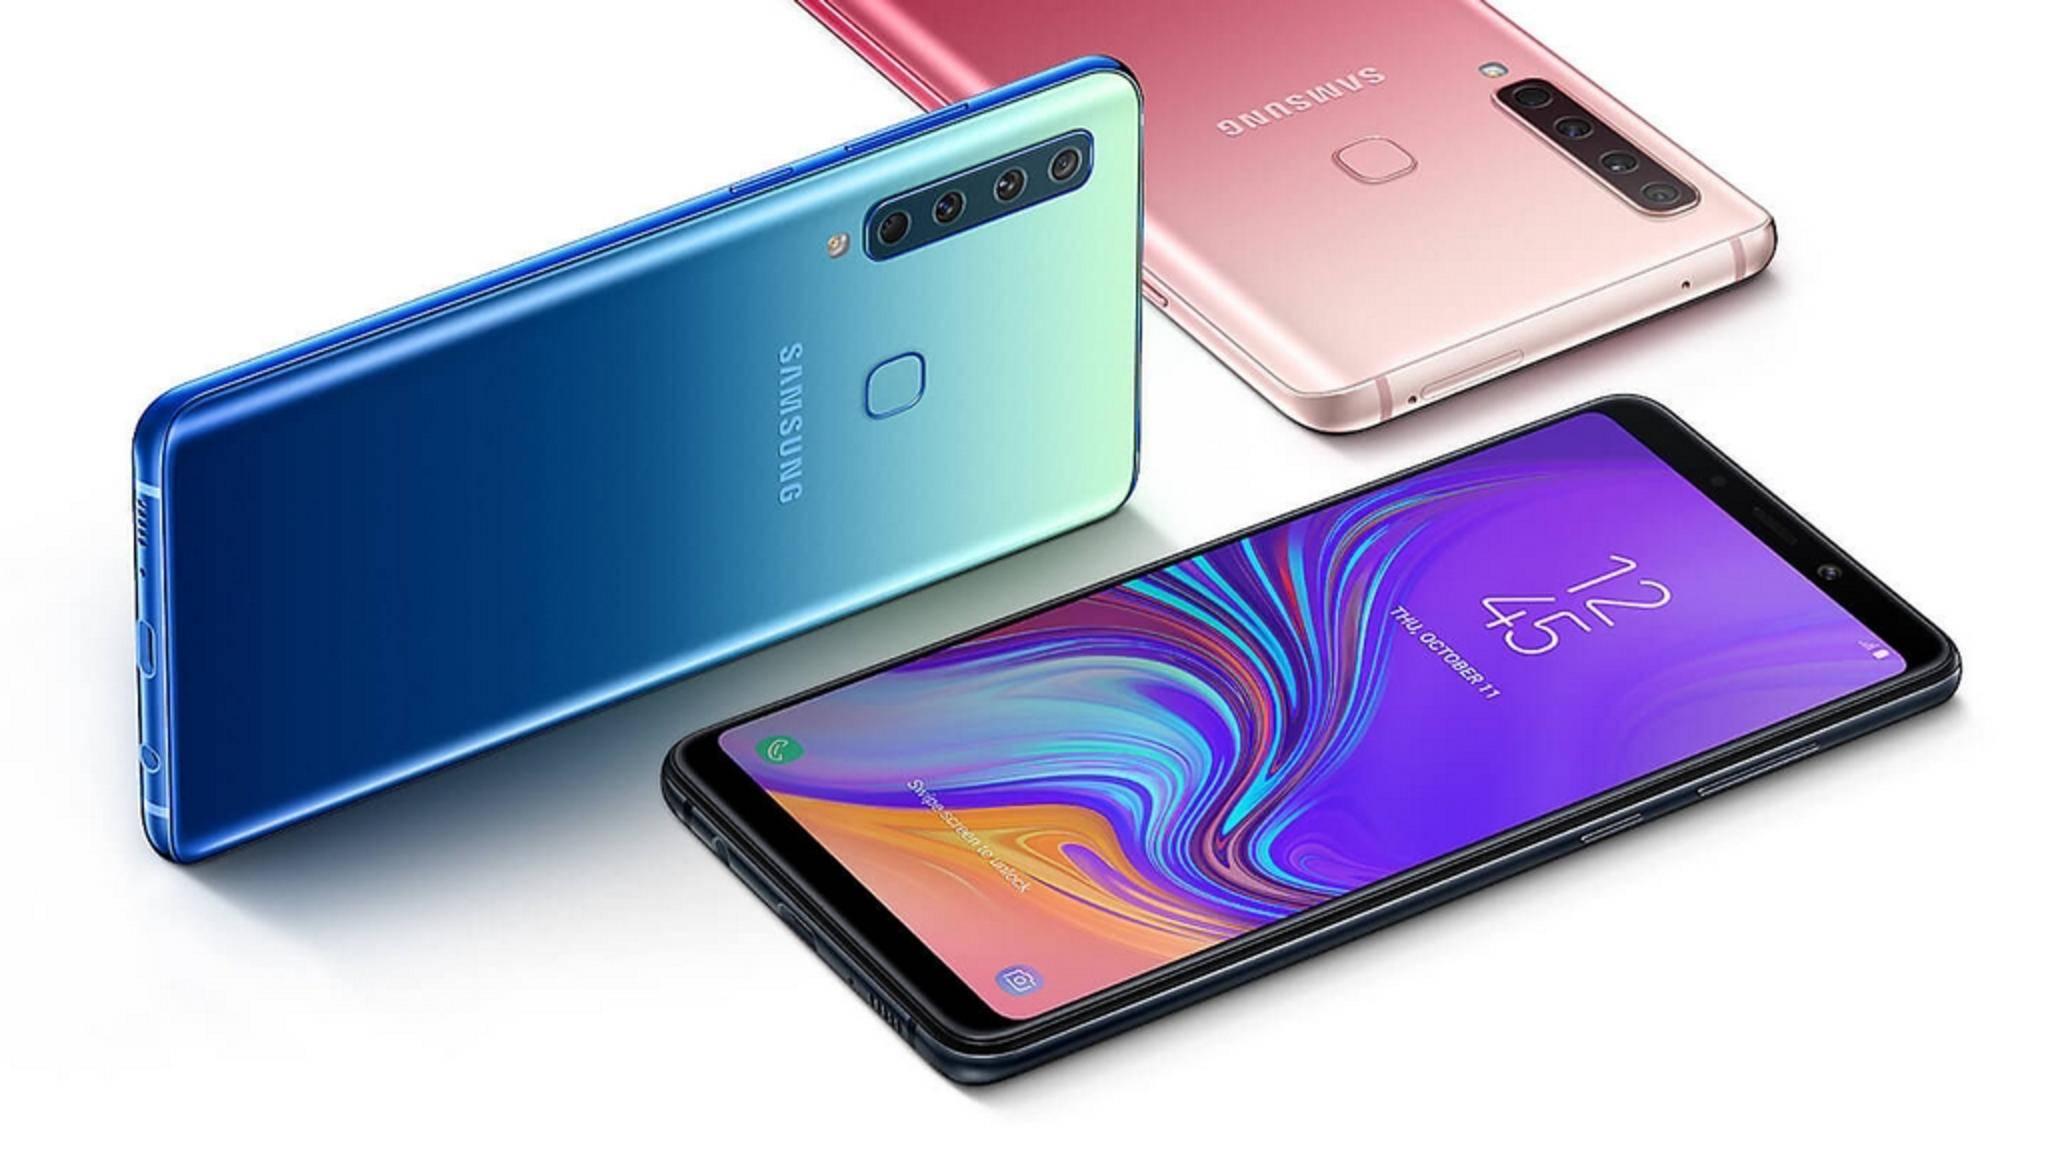 Samsung stattet seine Mittelklasse-Modelle in letzter Zeit mit innovativer Technik aus.